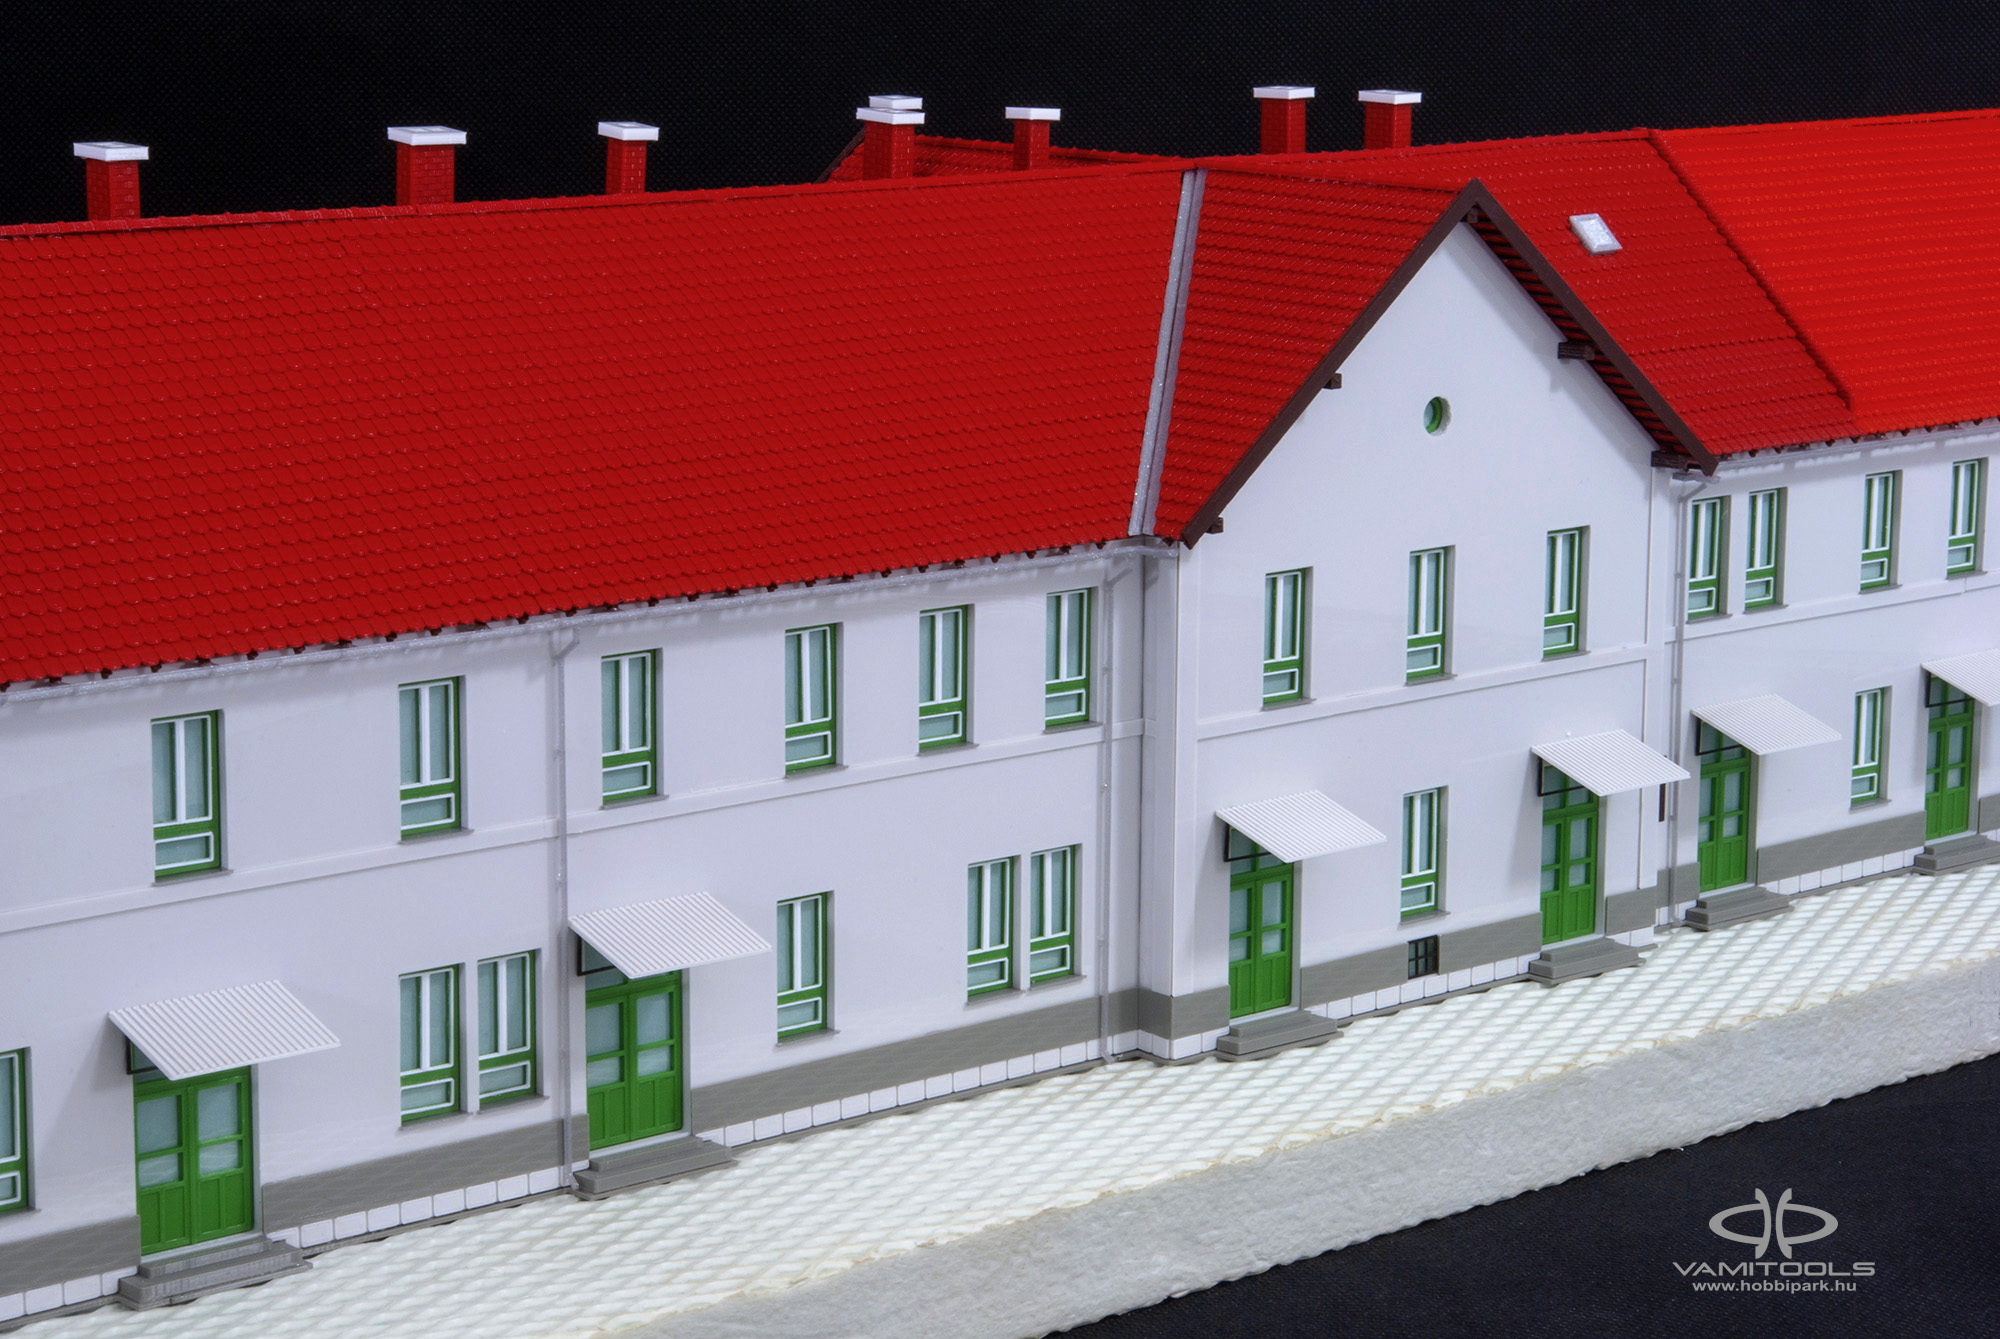 épület, vasútállomás, állomás, állomásépület, modellvasút, vasút, MÁV épület, MÁV vasútállomás, MÁV vasútállomás, MÁV modell állomás, MÁV állomásépület, Pusztaszabolcs, Pusztaszabolcs vasútállomás, Pusztaszabolcs állomás, Pusztaszabolcs épület, Pusztaszabolcs ház, terepasztal, dioráma, H0 épület, H0 vasútállomás, H0 állomás, H0 állomásépület, H0 modellvasút, H0 vasút, H0 MÁV épület, H0 MÁV vasútállomás, H0 MÁV vasútállomás, H0 MÁV modell állomás, H0 MÁV állomásépület, H0 Pusztaszabolcs, H0 Pusztaszabolcs vasútállomás, H0 Pusztaszabolcs állomás, H0 Pusztaszabolcs épület, H0 Pusztaszabolcs ház, H0 terepasztal, H0 dioráma, 1:87 épület, 1:87 vasútállomás, 1:87 állomás, 1:87 állomásépület, 1:87 modellvasút, 1:87 vasút, 1:87 MÁV épület, 1:87 MÁV vasútállomás, 1:87 MÁV vasútállomás, 1:87 MÁV modell állomás, 1:87 MÁV állomásépület, 1:87 Pusztaszabolcs, 1:87 Pusztaszabolcs vasútállomás, 1:87 Pusztaszabolcs állomás, 1:87 Pusztaszabolcs épület, 1:87 Pusztaszabolcs ház, 1:87 terepasztal, 1:87 dioráma, TT épület, TT vasútállomás, TT állomás, TT állomásépület, TT modellvasút, TT vasút, TT MÁV épület, TT MÁV vasútállomás, TT MÁV vasútállomás, TT MÁV modell állomás, TT MÁV állomásépület, TT Pusztaszabolcs, TT Pusztaszabolcs vasútállomás, TT Pusztaszabolcs állomás, TT Pusztaszabolcs épület, TT Pusztaszabolcs ház, TT terepasztal, TT dioráma, 1:120 épület, 1:120 vasútállomás, 1:120 állomás, 1:120 állomásépület, 1:120 modellvasút, 1:120 vasút, 1:120 MÁV épület, 1:120 MÁV vasútállomás, 1:120 MÁV vasútállomás, 1:120 MÁV modell állomás, 1:120 MÁV állomásépület, 1:120 Pusztaszabolcs, 1:120 Pusztaszabolcs vasútállomás, 1:120 Pusztaszabolcs állomás, 1:120 Pusztaszabolcs épület, 1:120 Pusztaszabolcs ház, 1:120 terepasztal, 1:120 dioráma, N épület, N vasútállomás, N állomás, N állomásépület, N modellvasút, N vasút, N MÁV épület, N MÁV vasútállomás, N MÁV vasútállomás, N MÁV modell állomás, N MÁV állomásépület, N Pusztaszabolcs, N Pusztaszabolcs vasútállomás, N Pusztaszabolcs állomás, N Pusztas